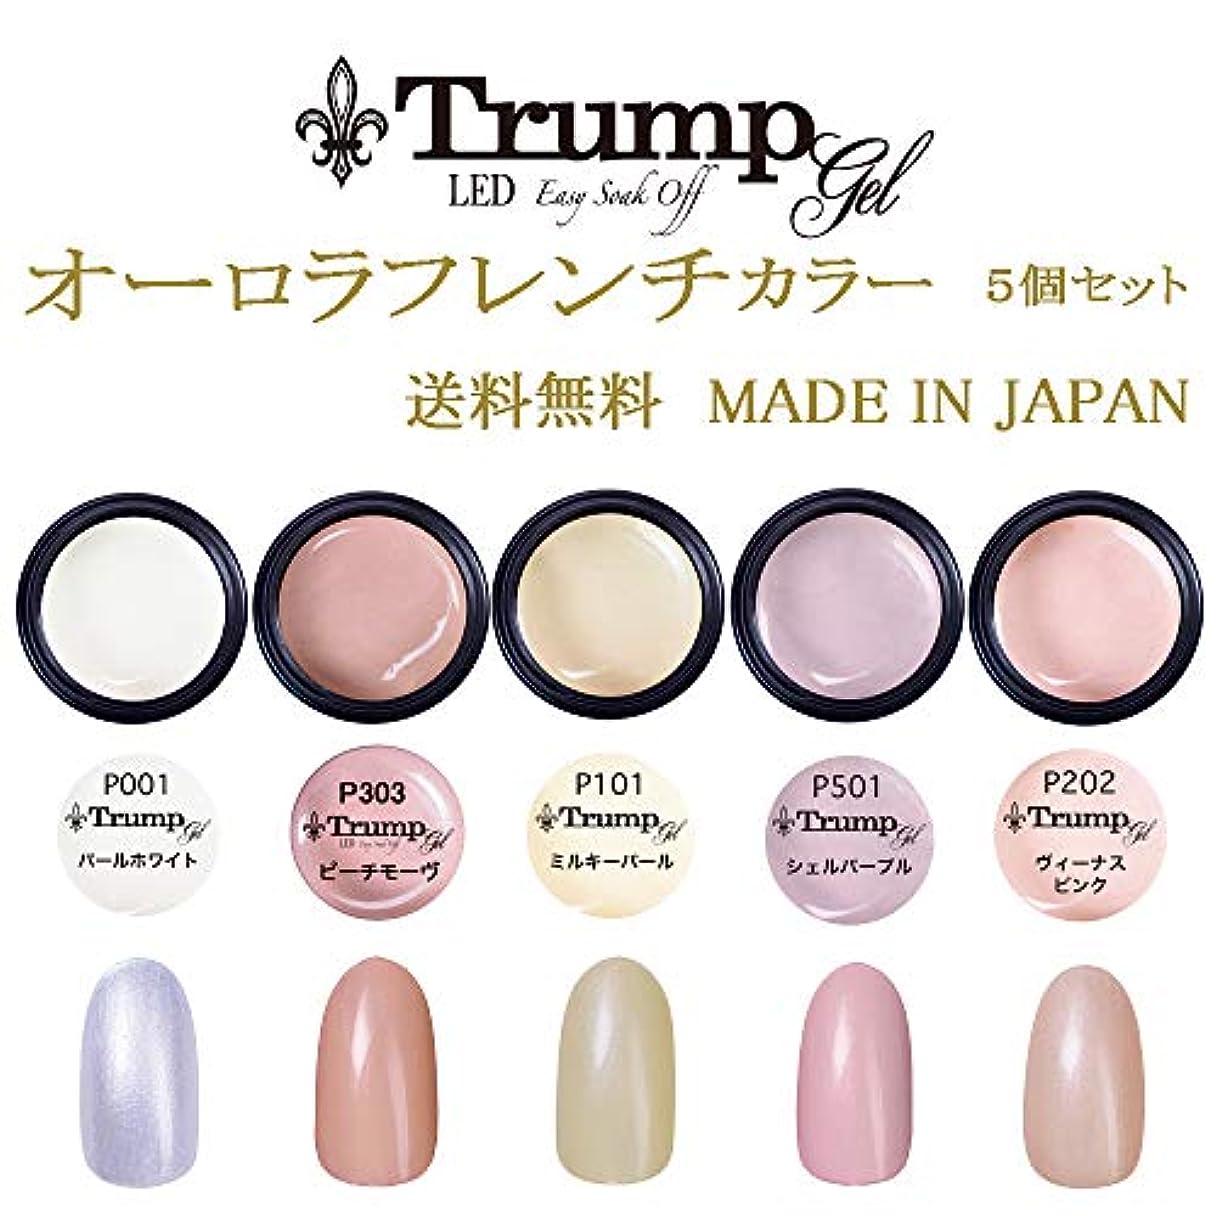 条件付きジェームズダイソン排出【送料無料】日本製 Trump gel トランプジェル オーロラフレンチカラージェル 5個セット オーロラ感たたっぷりな オーロラフレンチネイルカラージェルセット